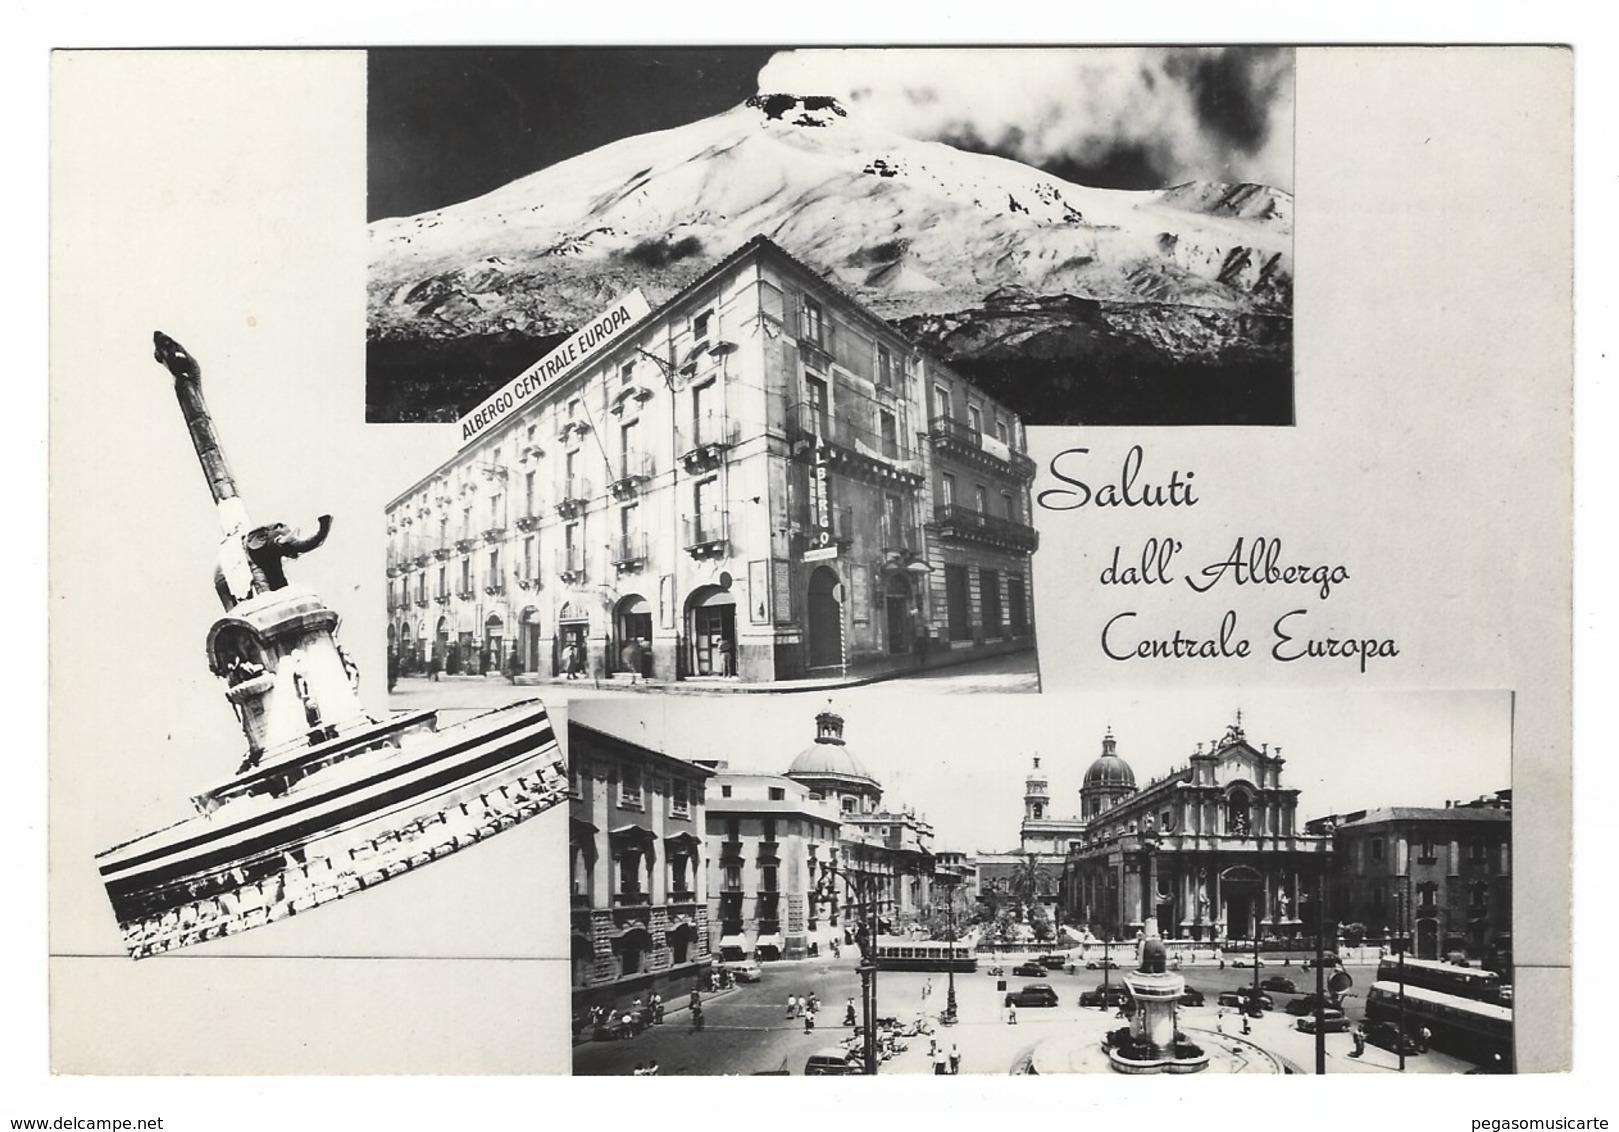 913 - CATANIA SALUTI DALL'ALBERGO CENTRALE EUROPA IN PIAZZA DUOMO 1950 CIRCA - Catania